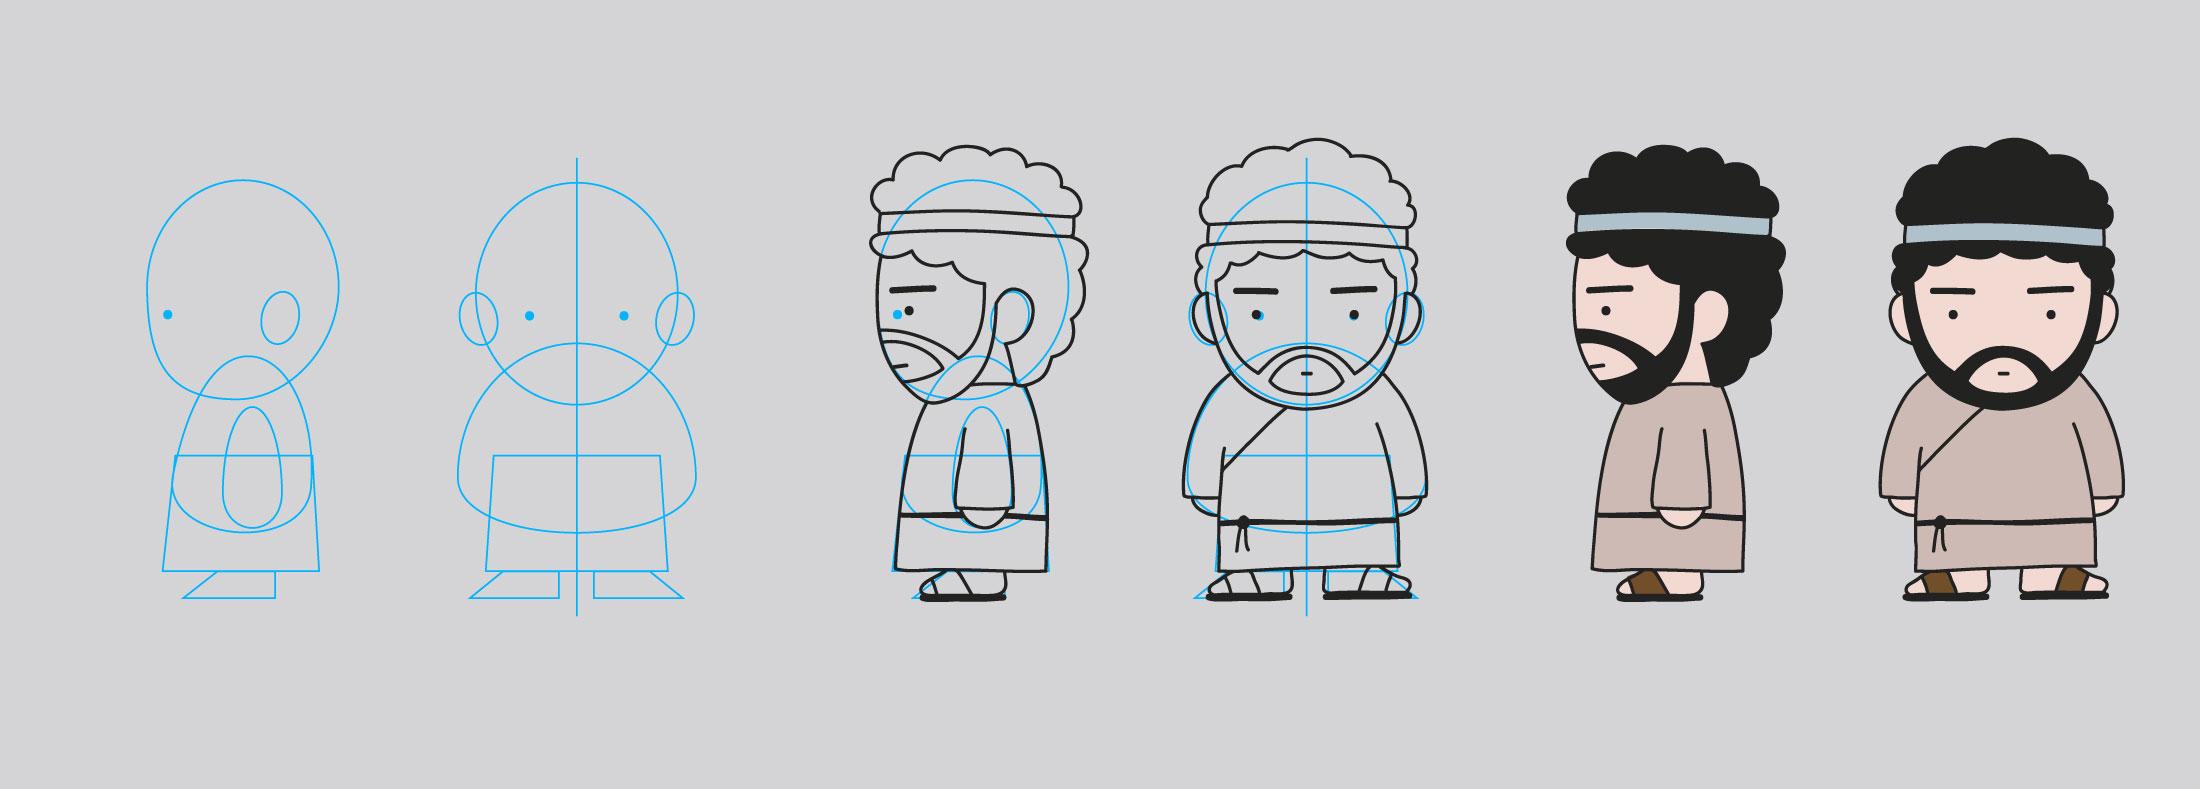 Biba - costruzione personaggio 2